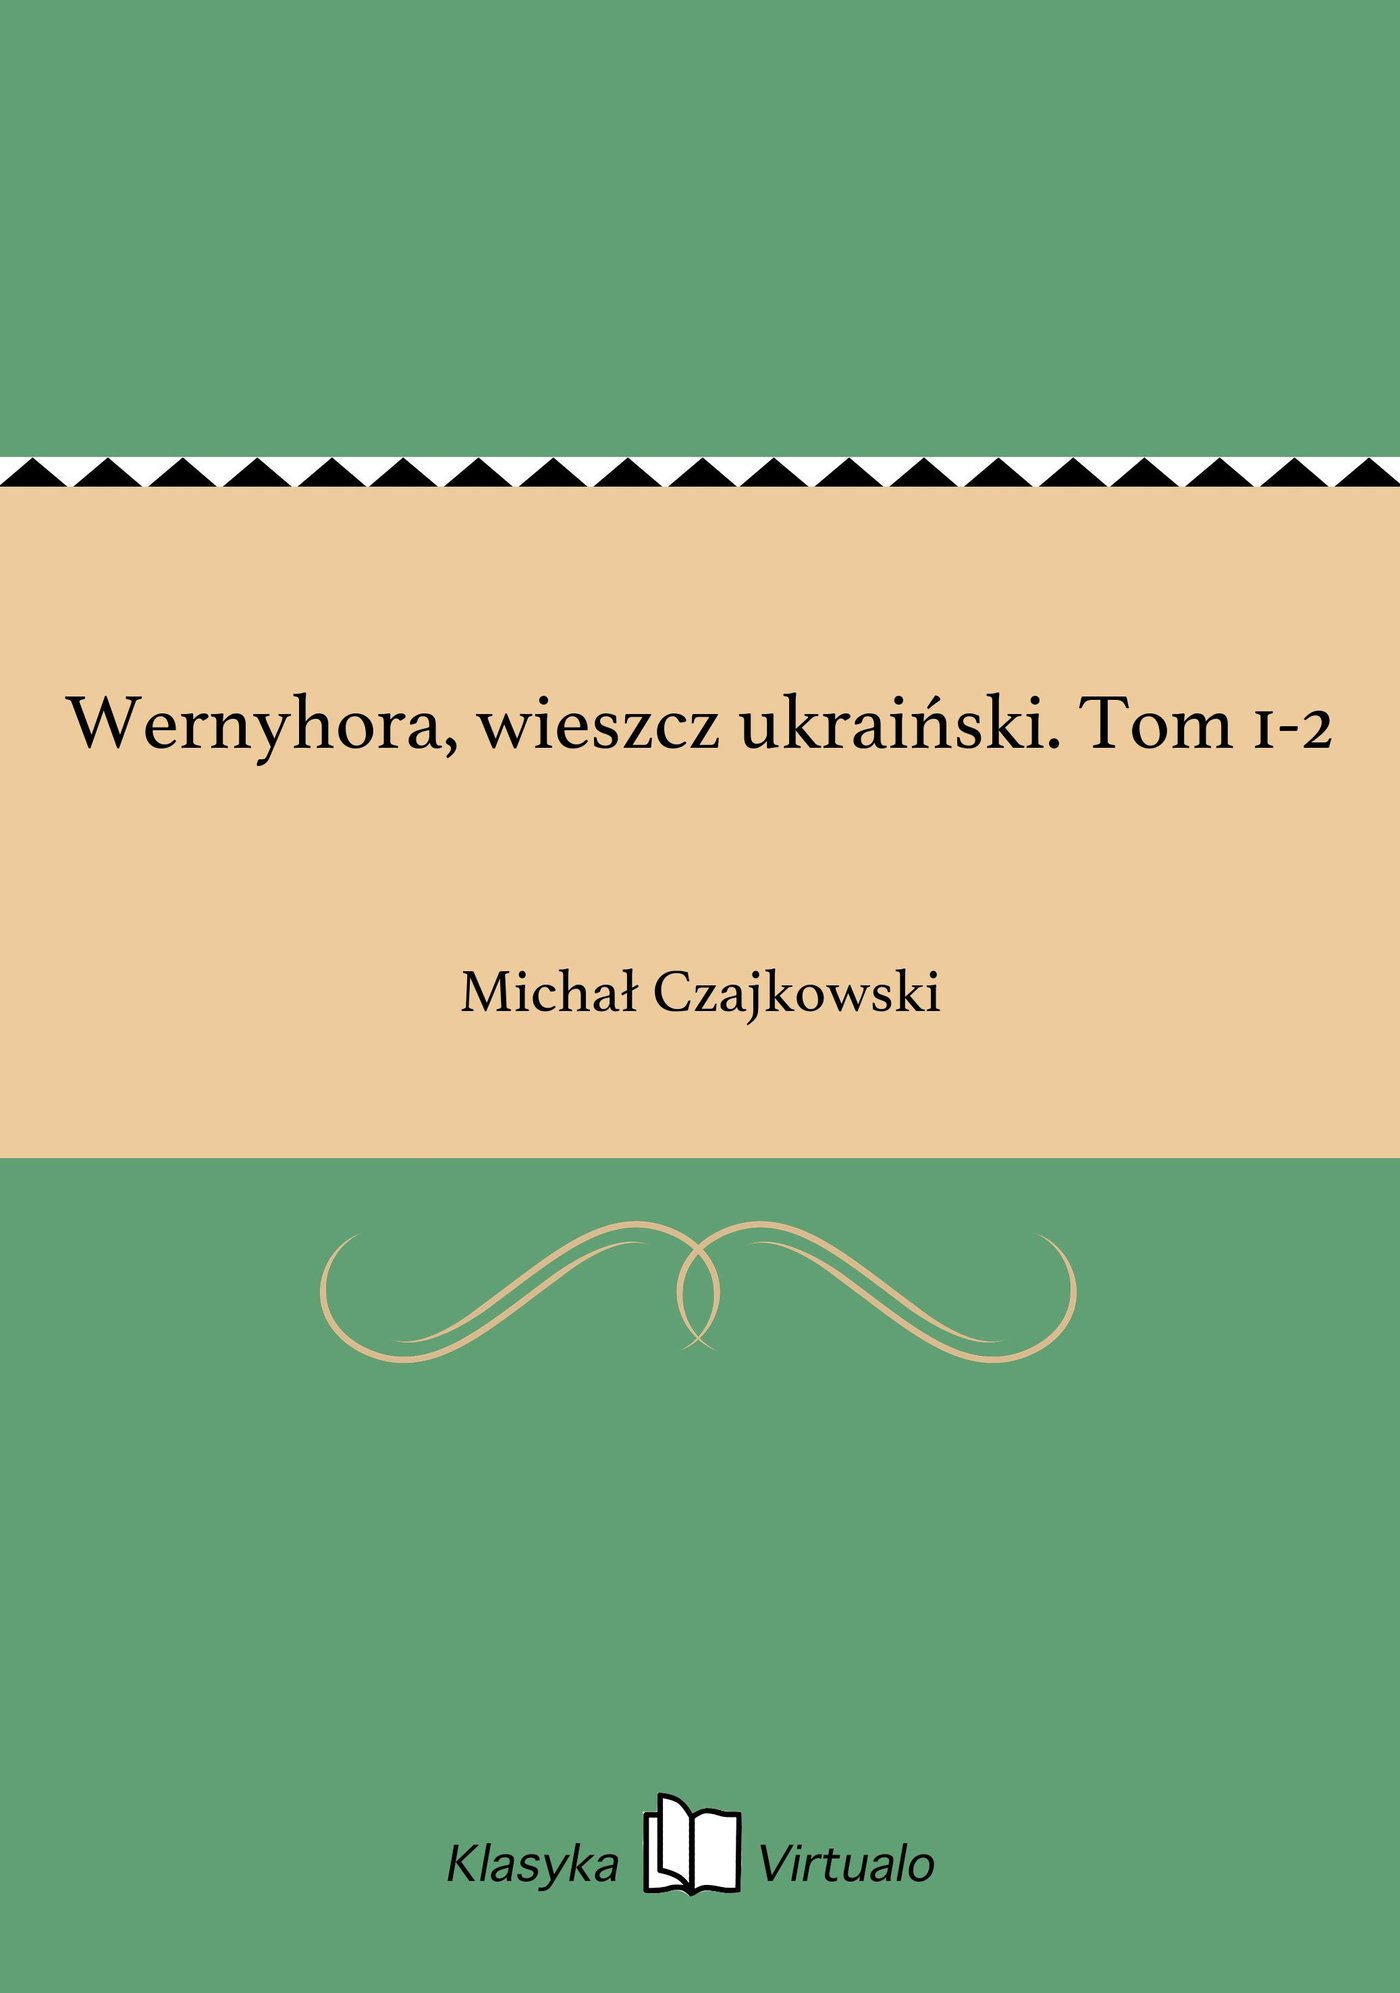 Wernyhora, wieszcz ukraiński. Tom 1-2 - Ebook (Książka na Kindle) do pobrania w formacie MOBI